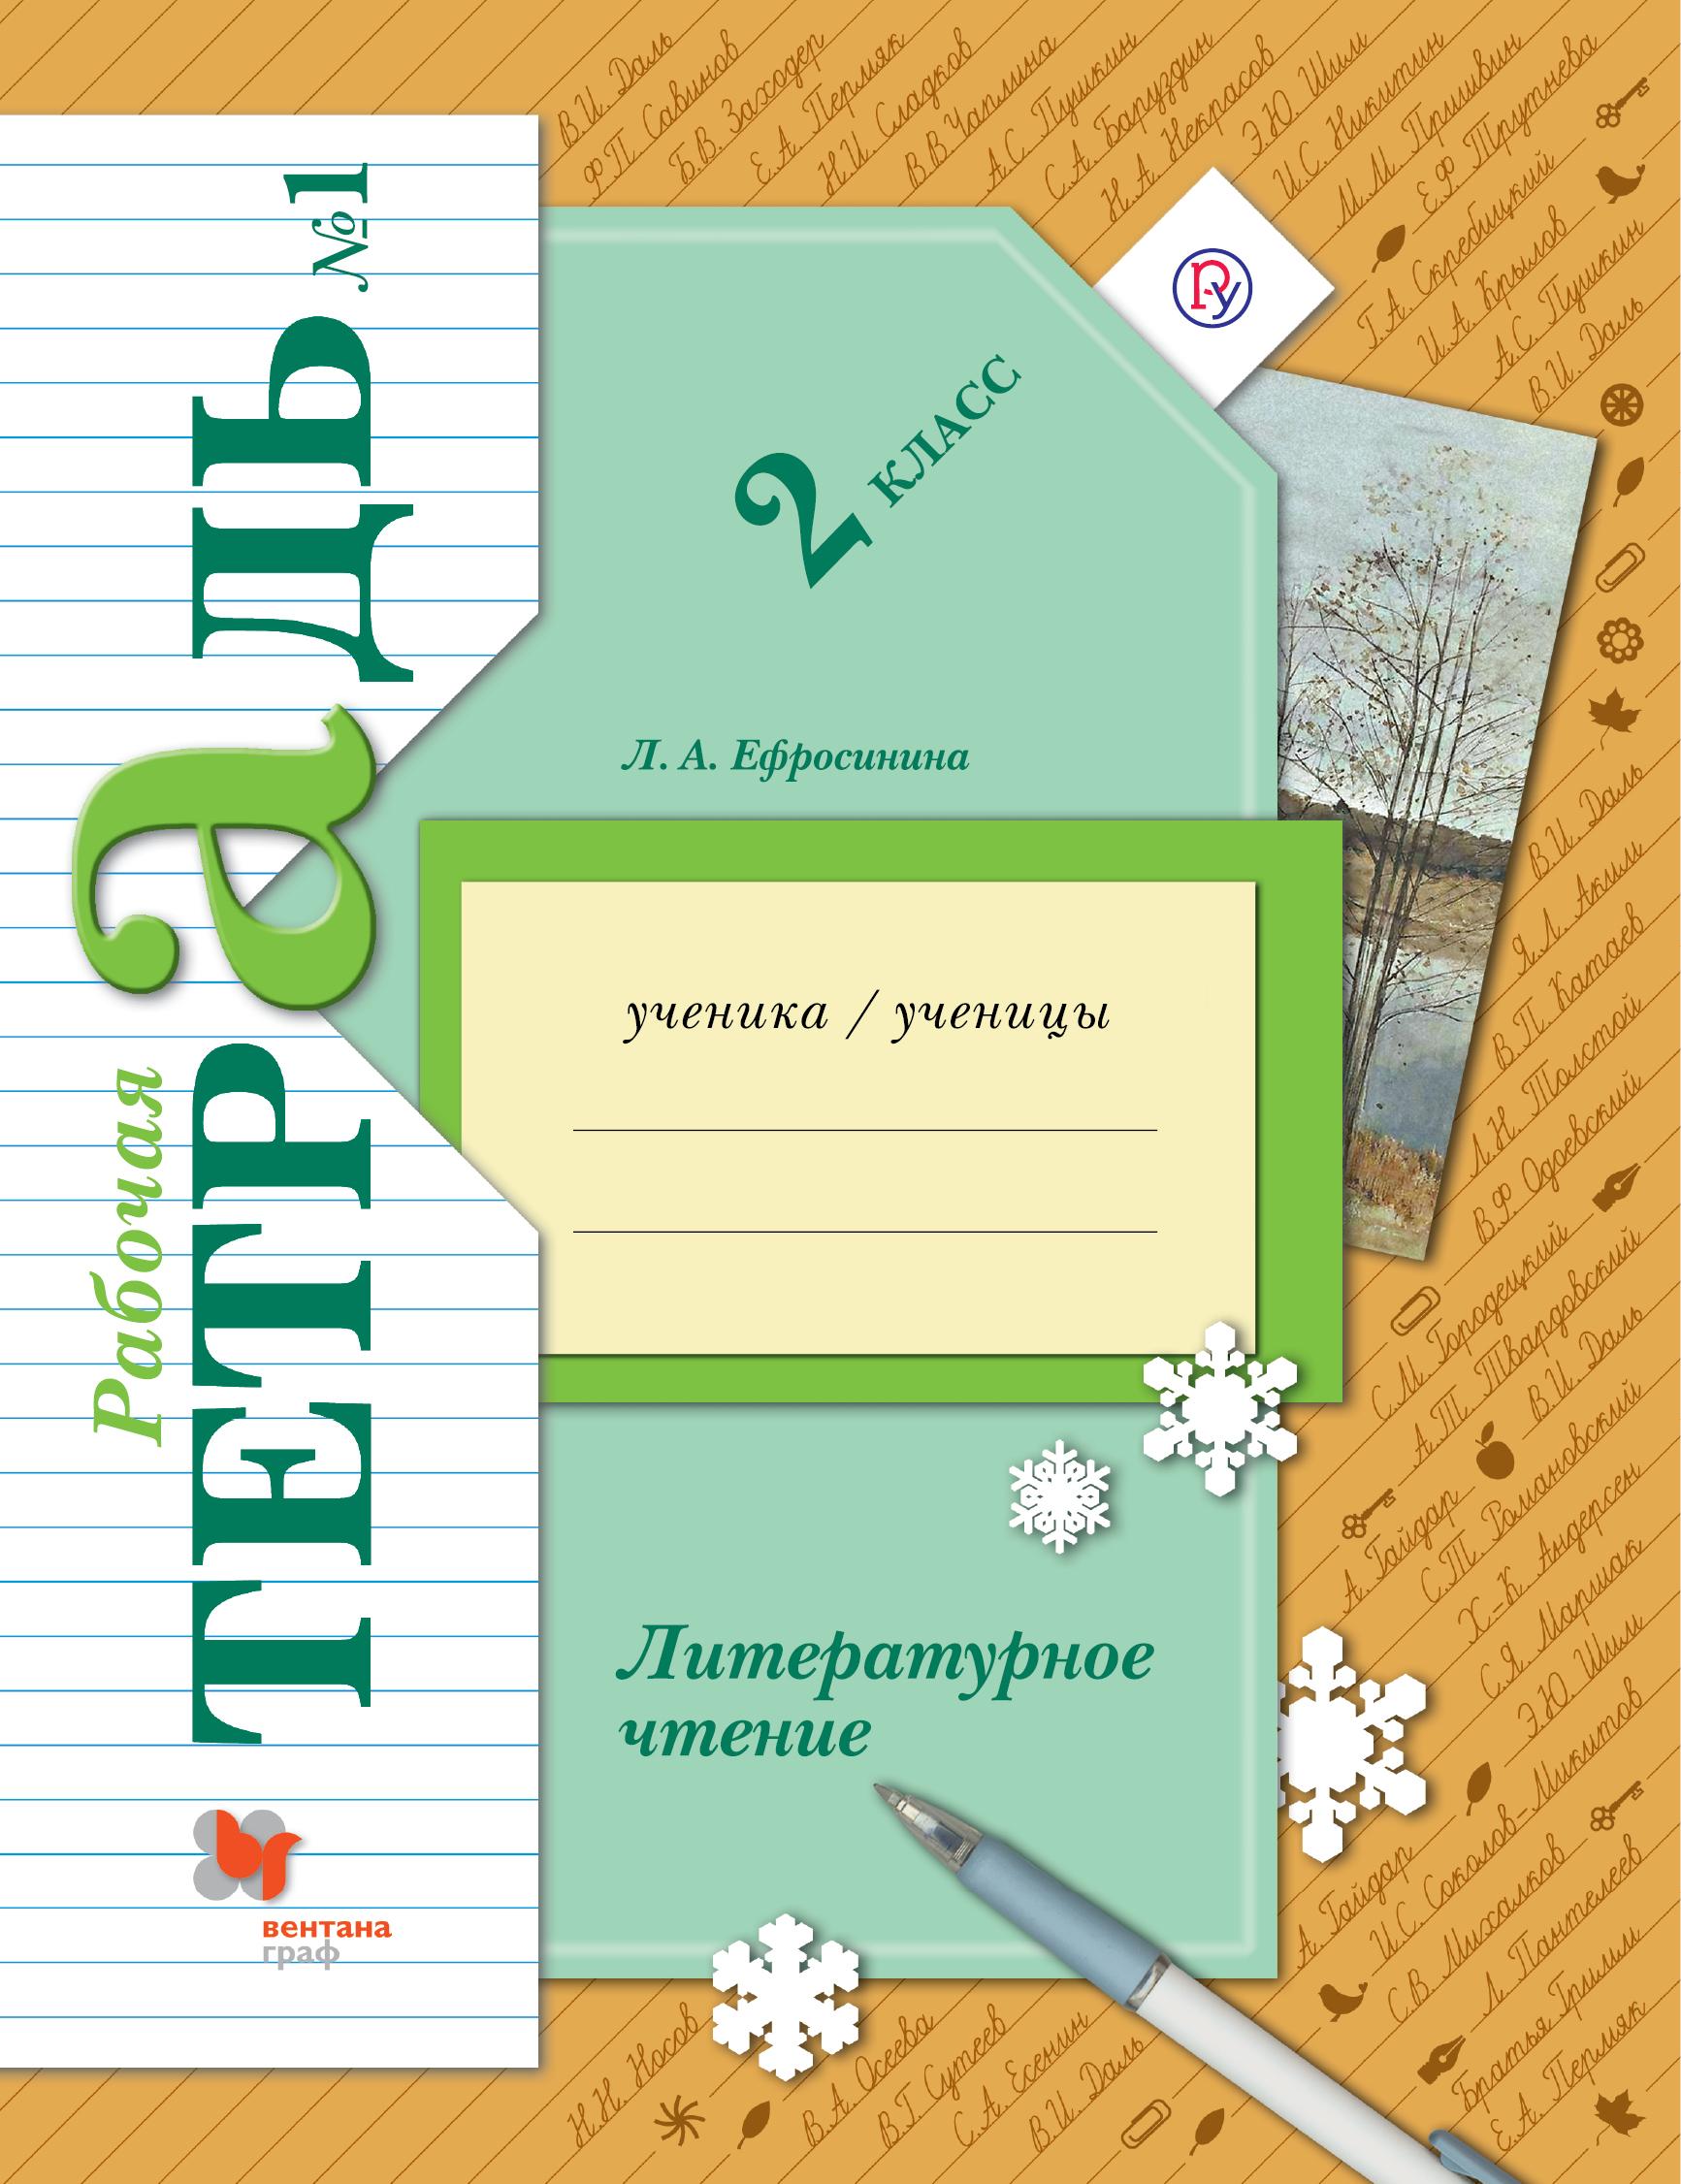 Ефросинина Л.А. Литературное чтение. 2 класс. Рабочая тетрадь №1.